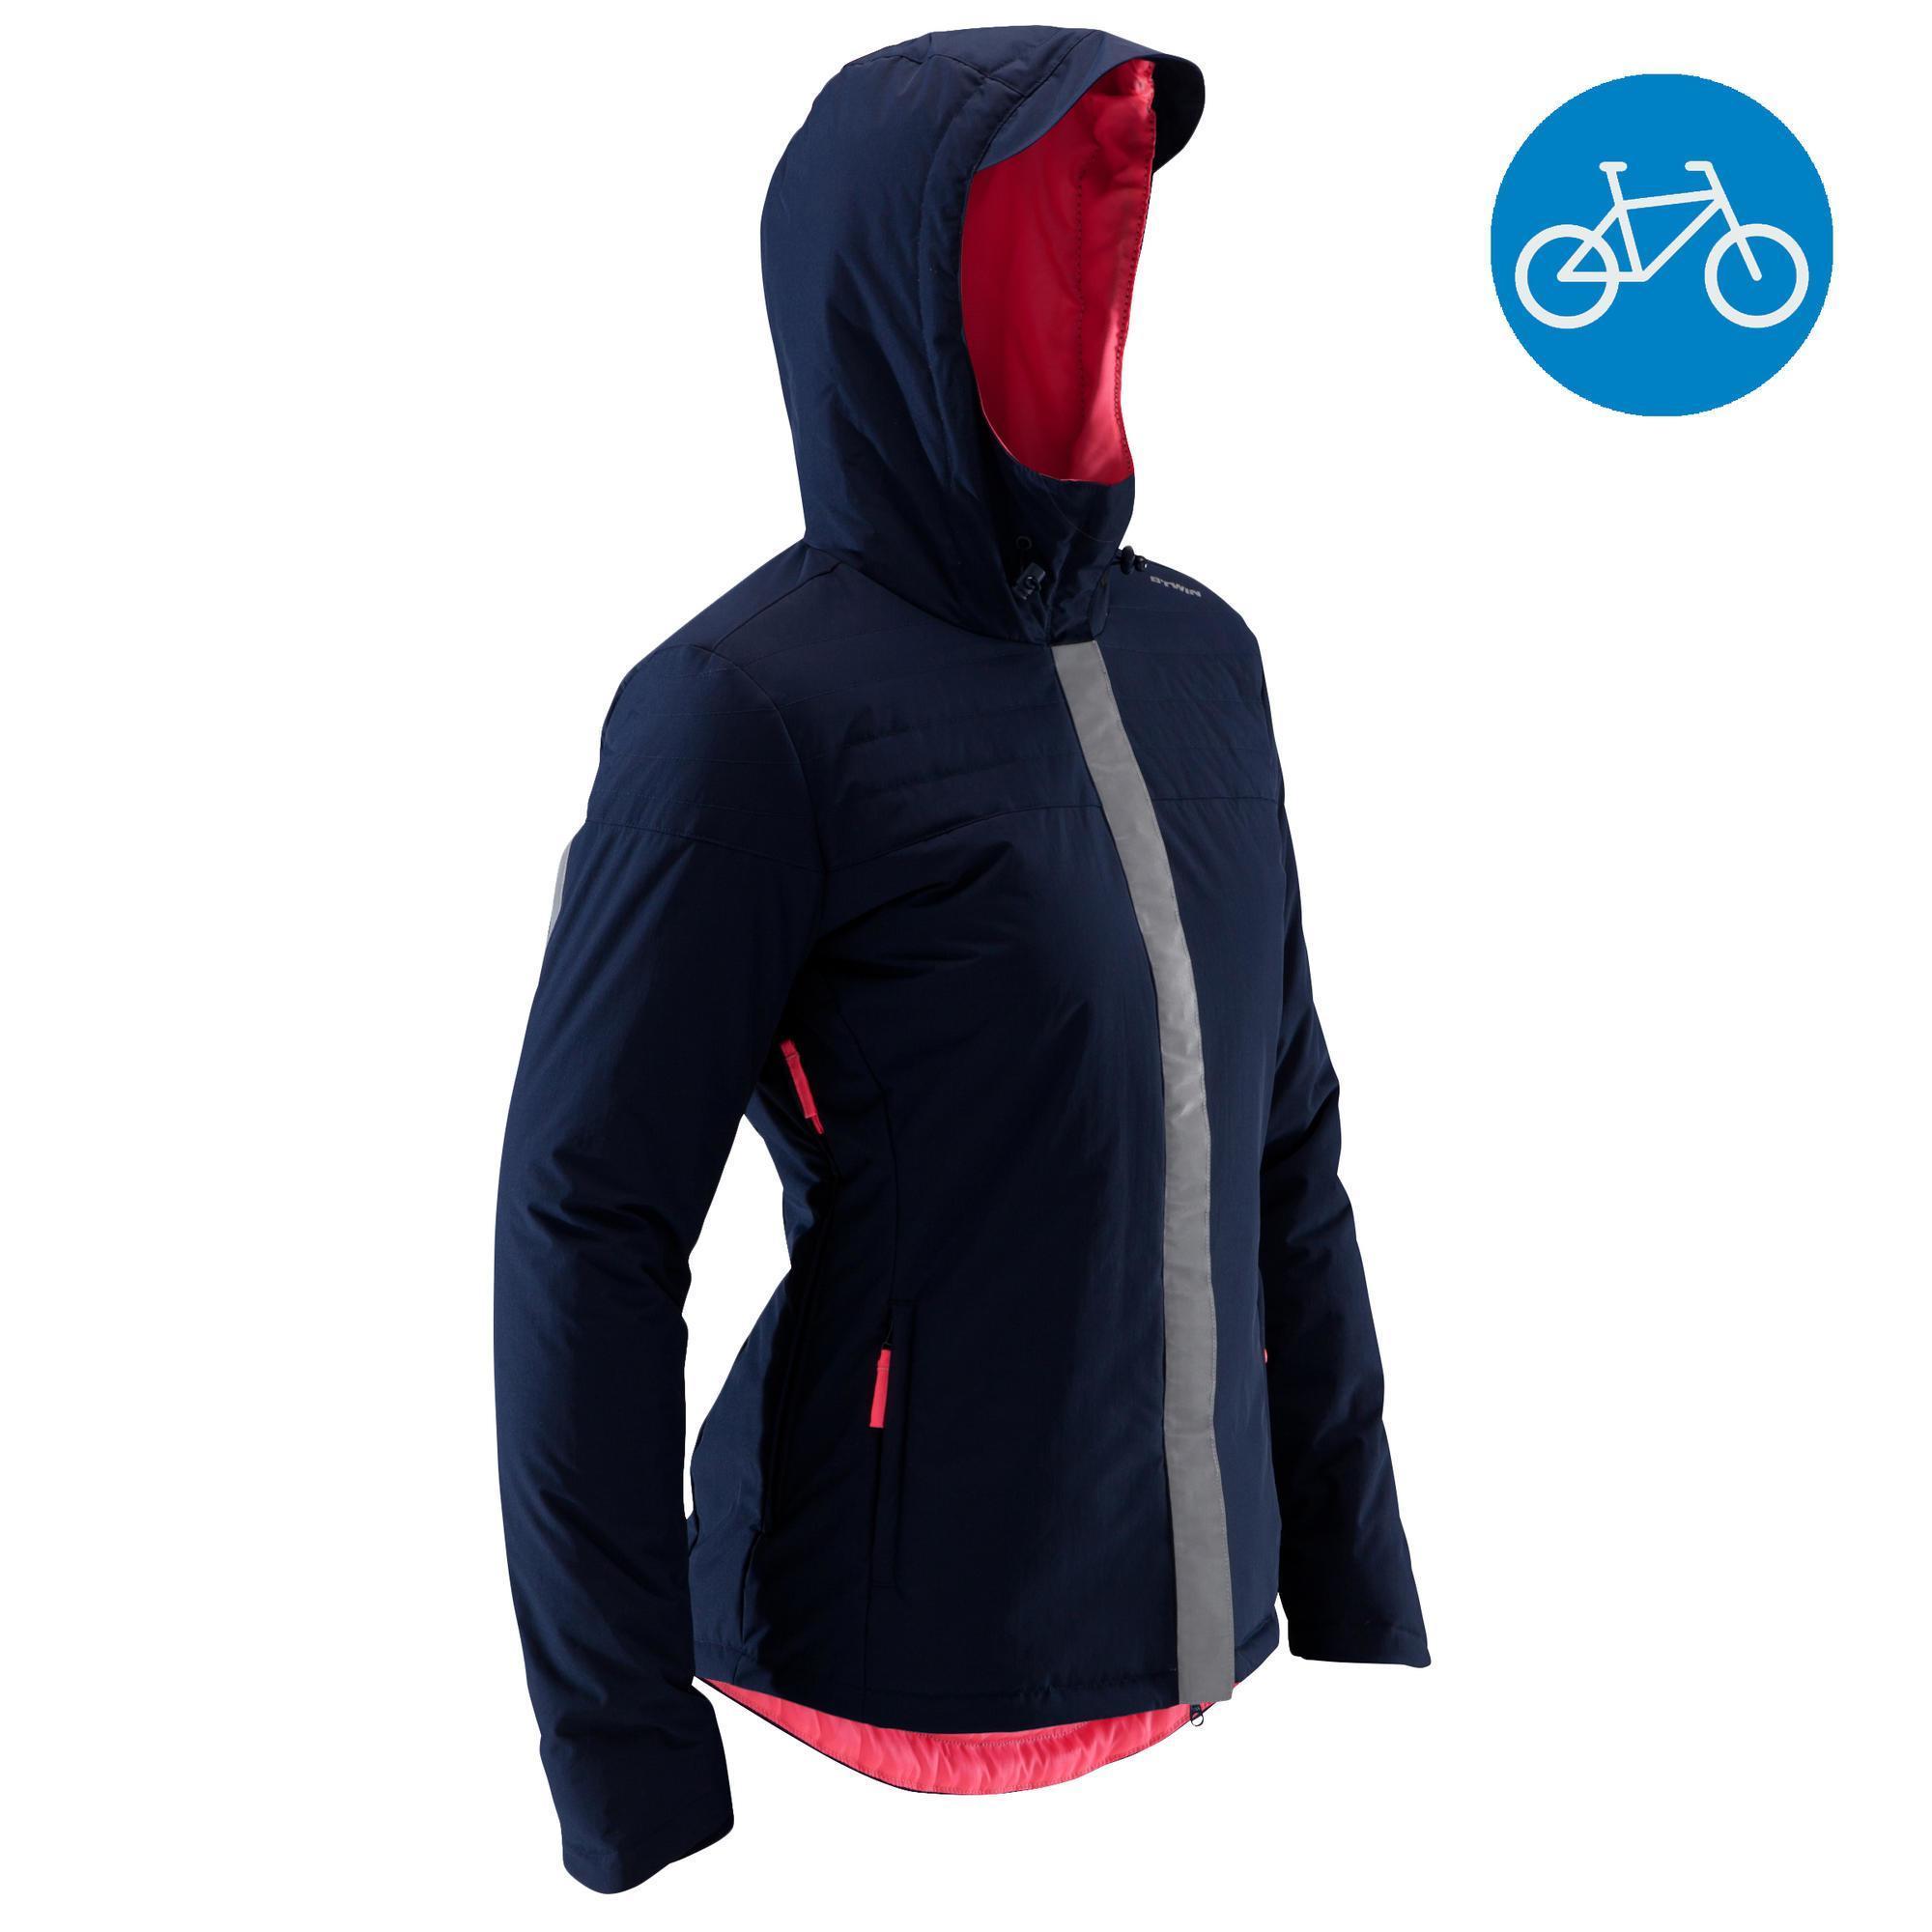 elegante y elegante precio atractivo comprar online Comprar Chaquetas de Ciclismo Invierno   Decathlon